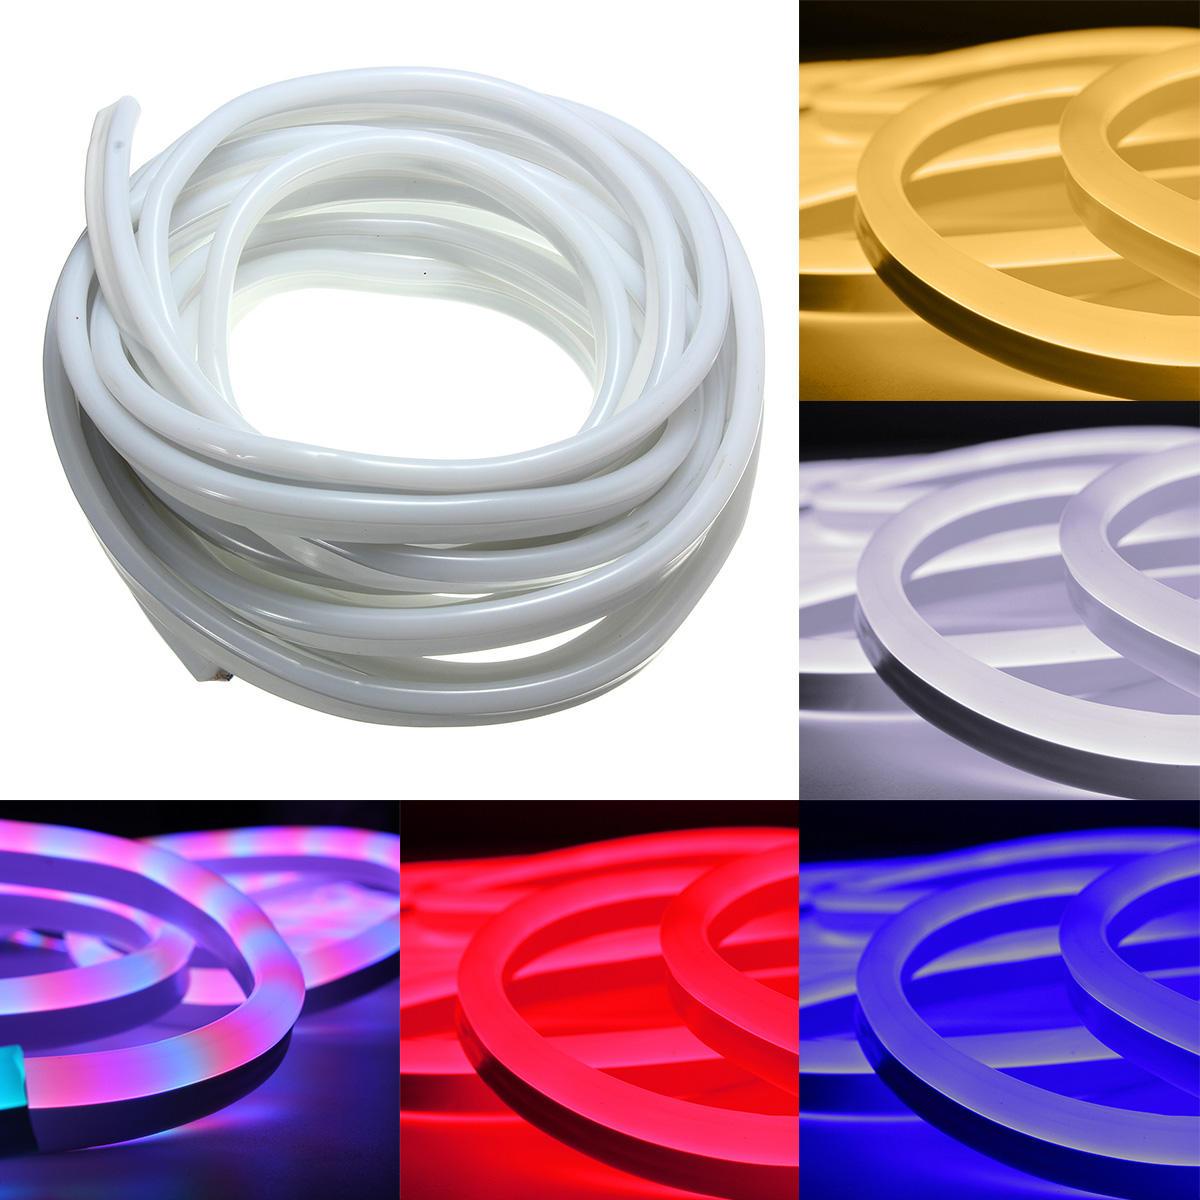 10m 2835 LED corda de néon flexível tira luz xmas exterior à prova d'água 220v